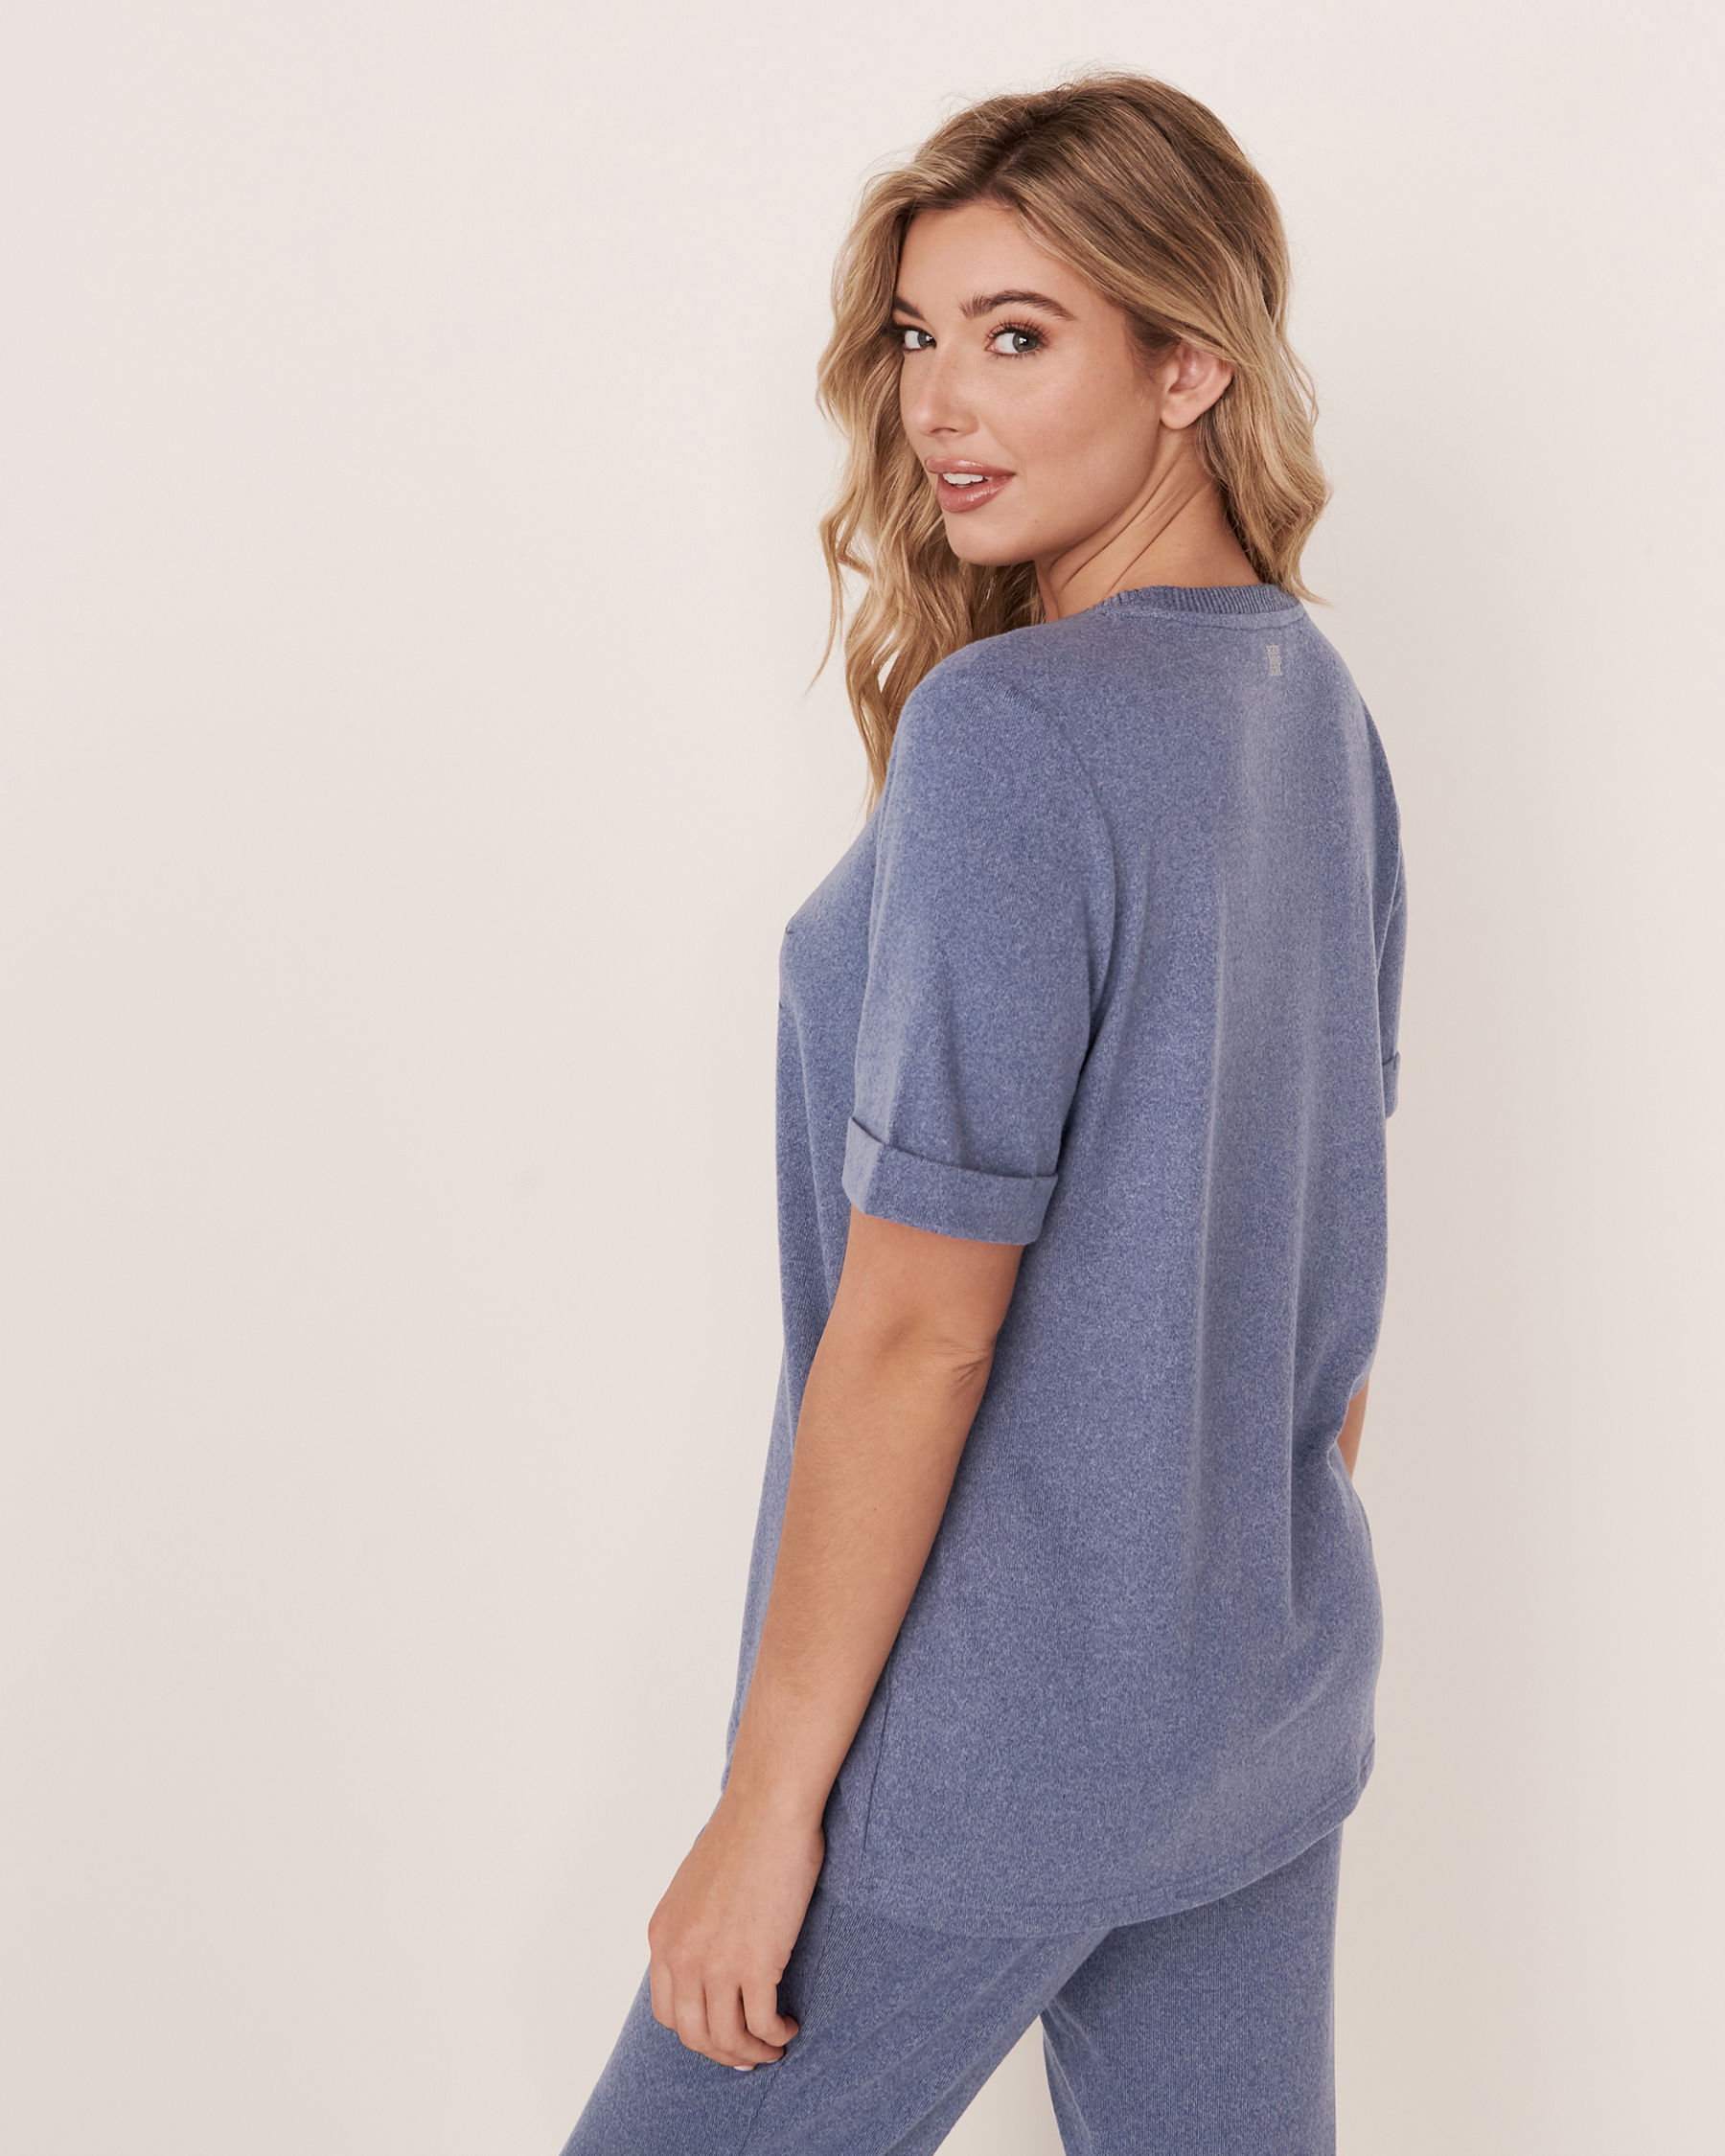 LA VIE EN ROSE Soft Knit T-shirt Blue denim mix 50100011 - View2